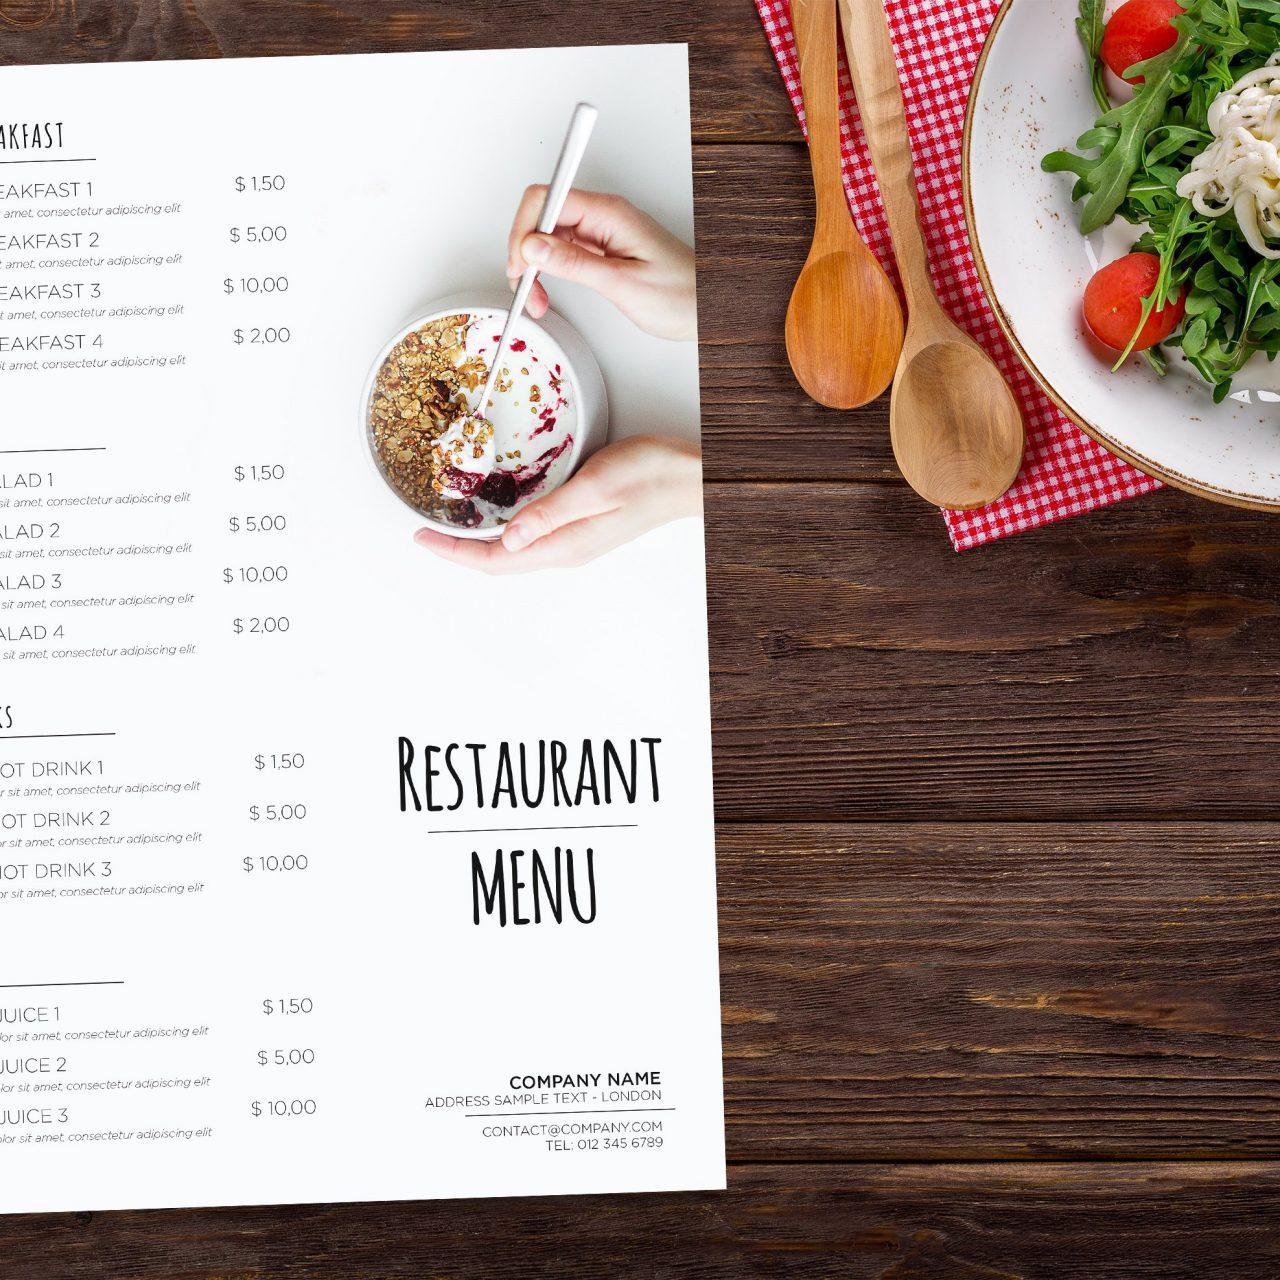 ¿Cómo diseñar el menú de un restaurante?